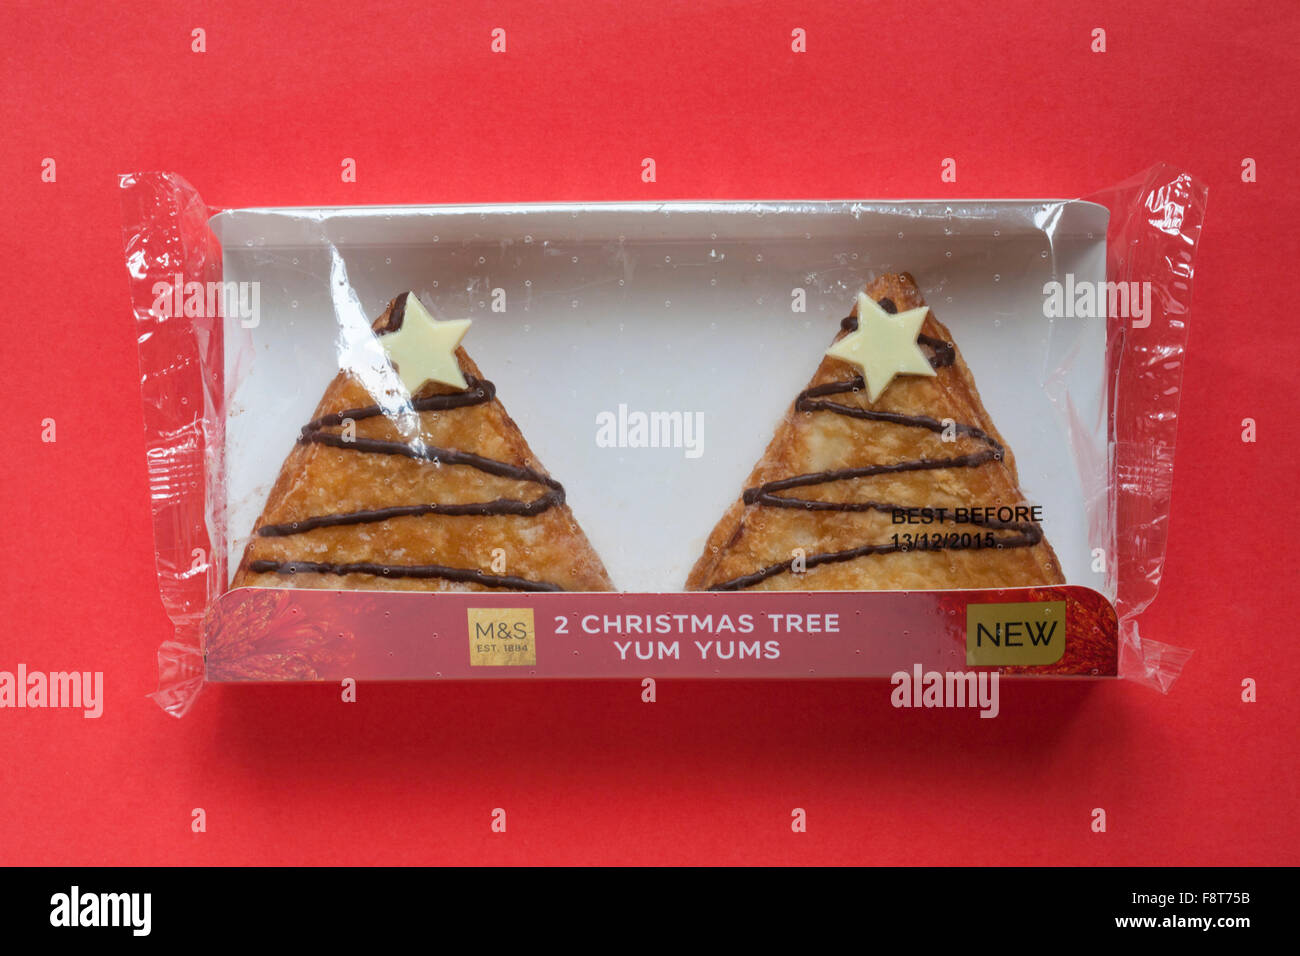 Paket M & s 2 Eistee Weihnachtsbaum Yum Yums Krapfen gefüllt mit Toffee-Sauce auf rotem Hintergrund isoliert Stockfoto